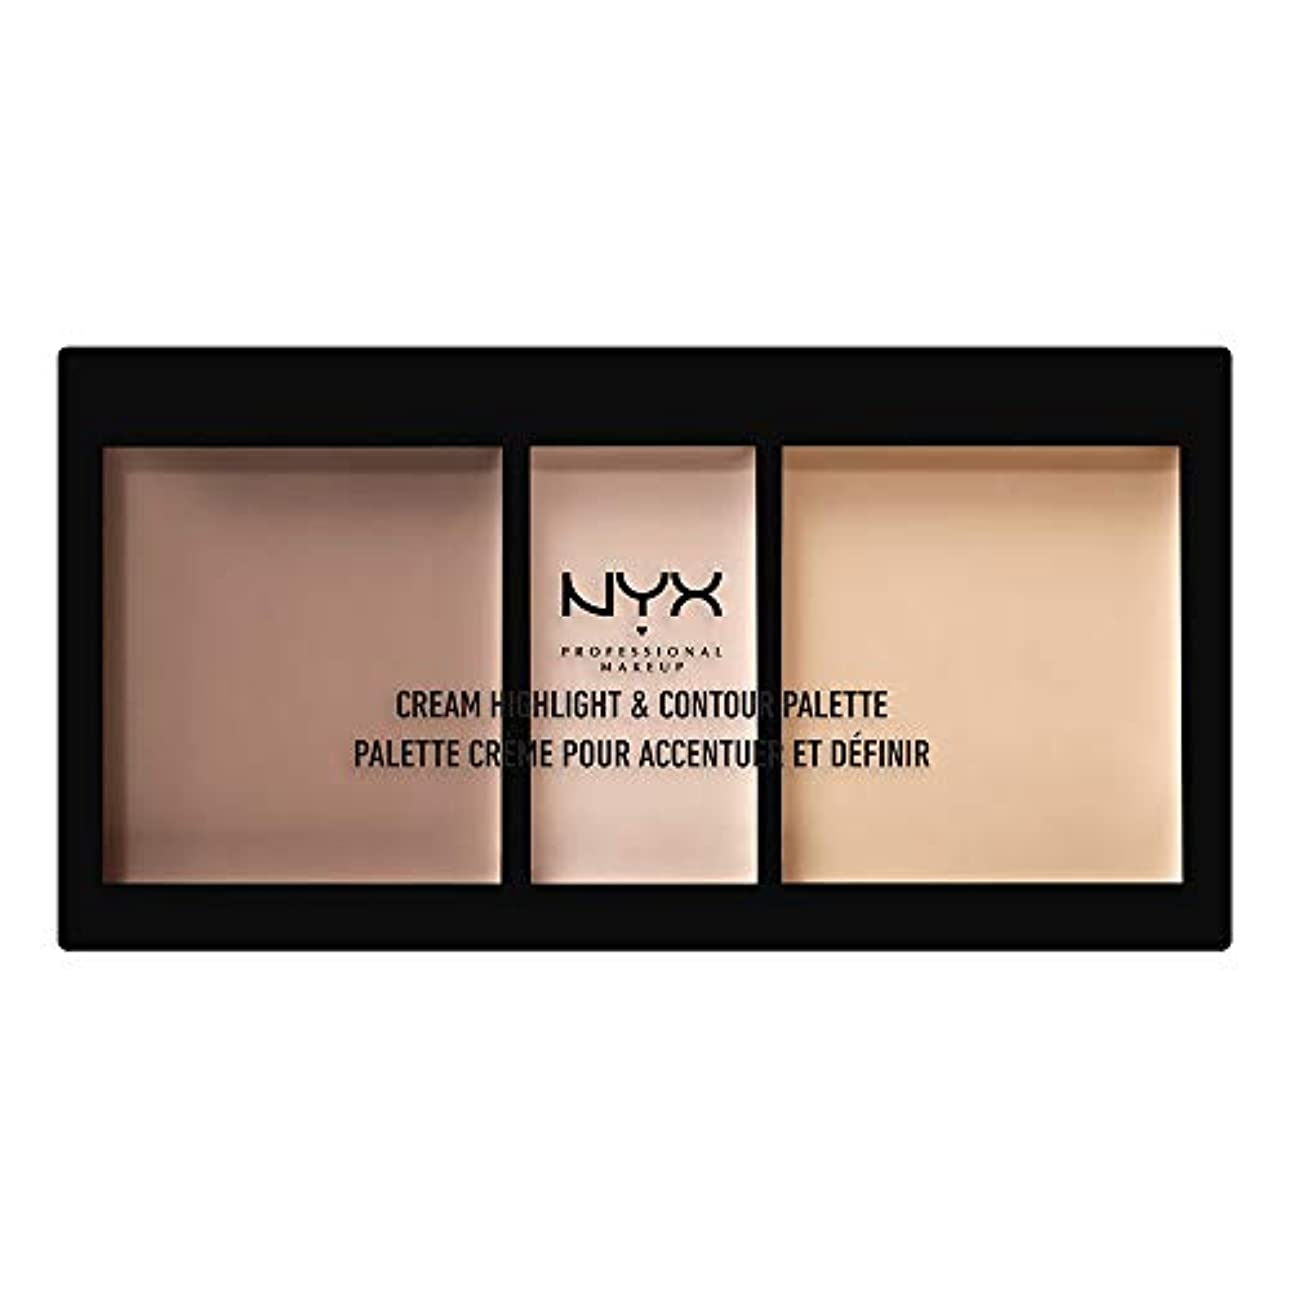 森林暴行著者NYX(ニックス) クリーム ハイライト&コントゥアー パレット 01 カラー?ライト フェイスパレット